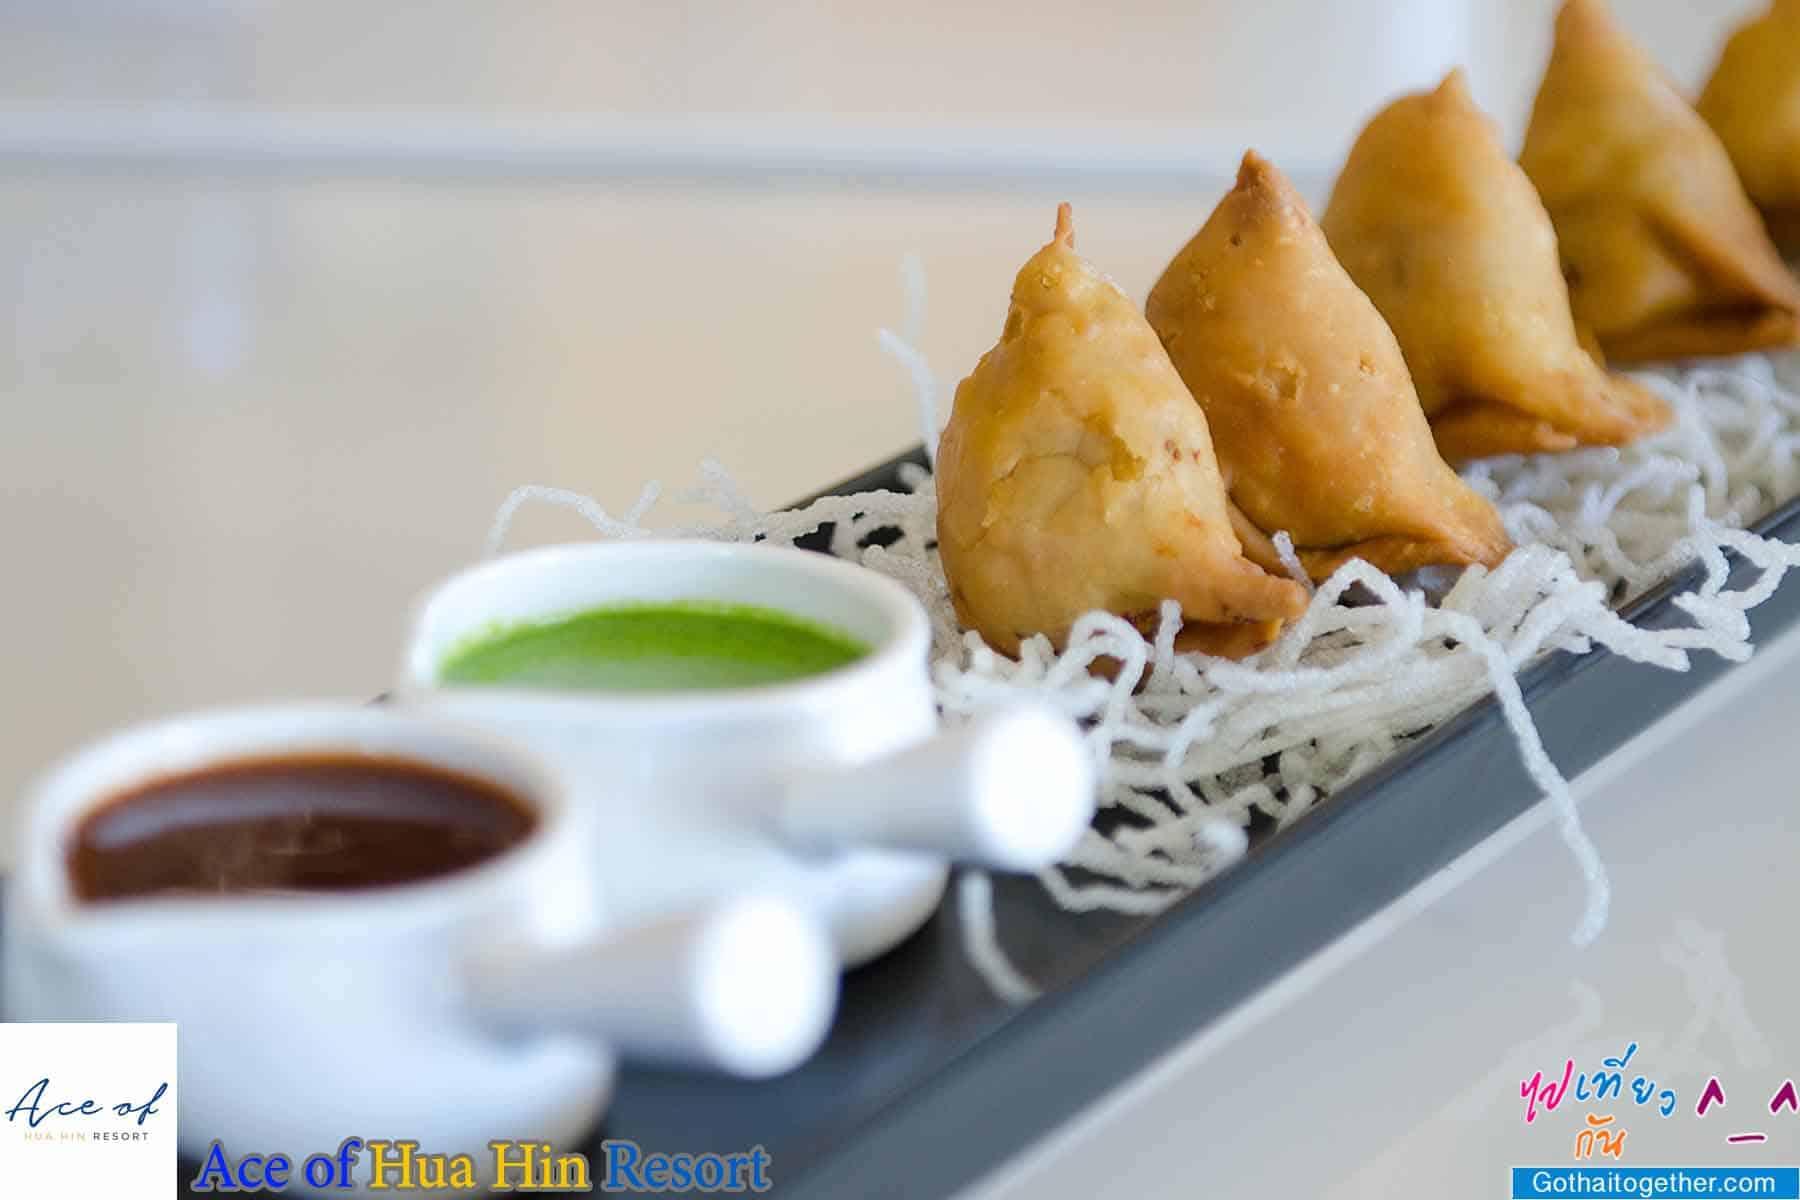 5 จุดเช็คอิน ทะเลใกล้กรุง พักผ่อนมีระดับ ชมวิวชิลไปกับ Ace of Hua Hin Resort 145